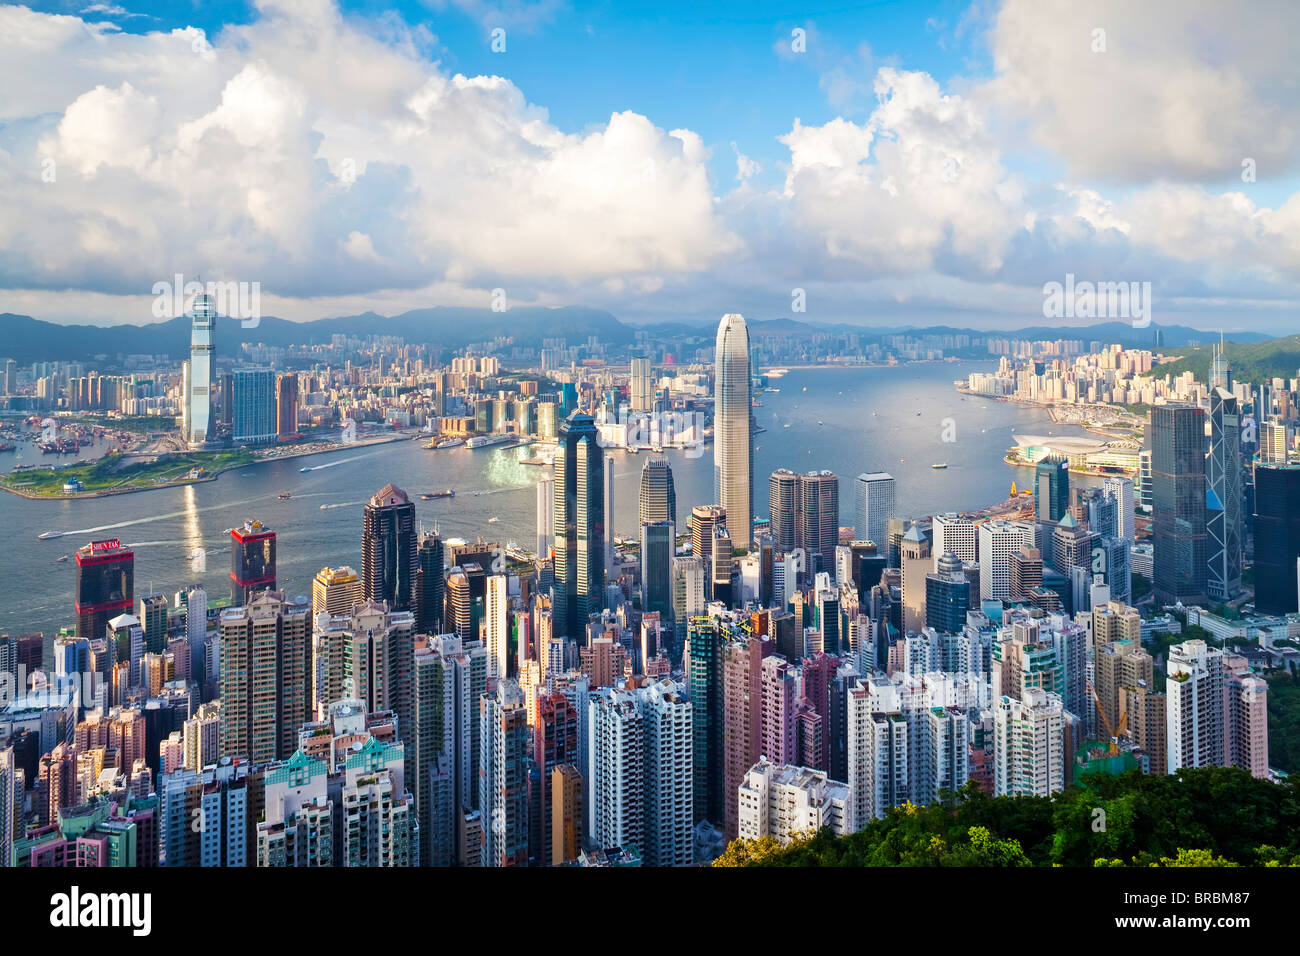 Skyline der Stadt und den Victoria Harbour angesehen vom Victoria Peak, Hong Kong, China Stockbild